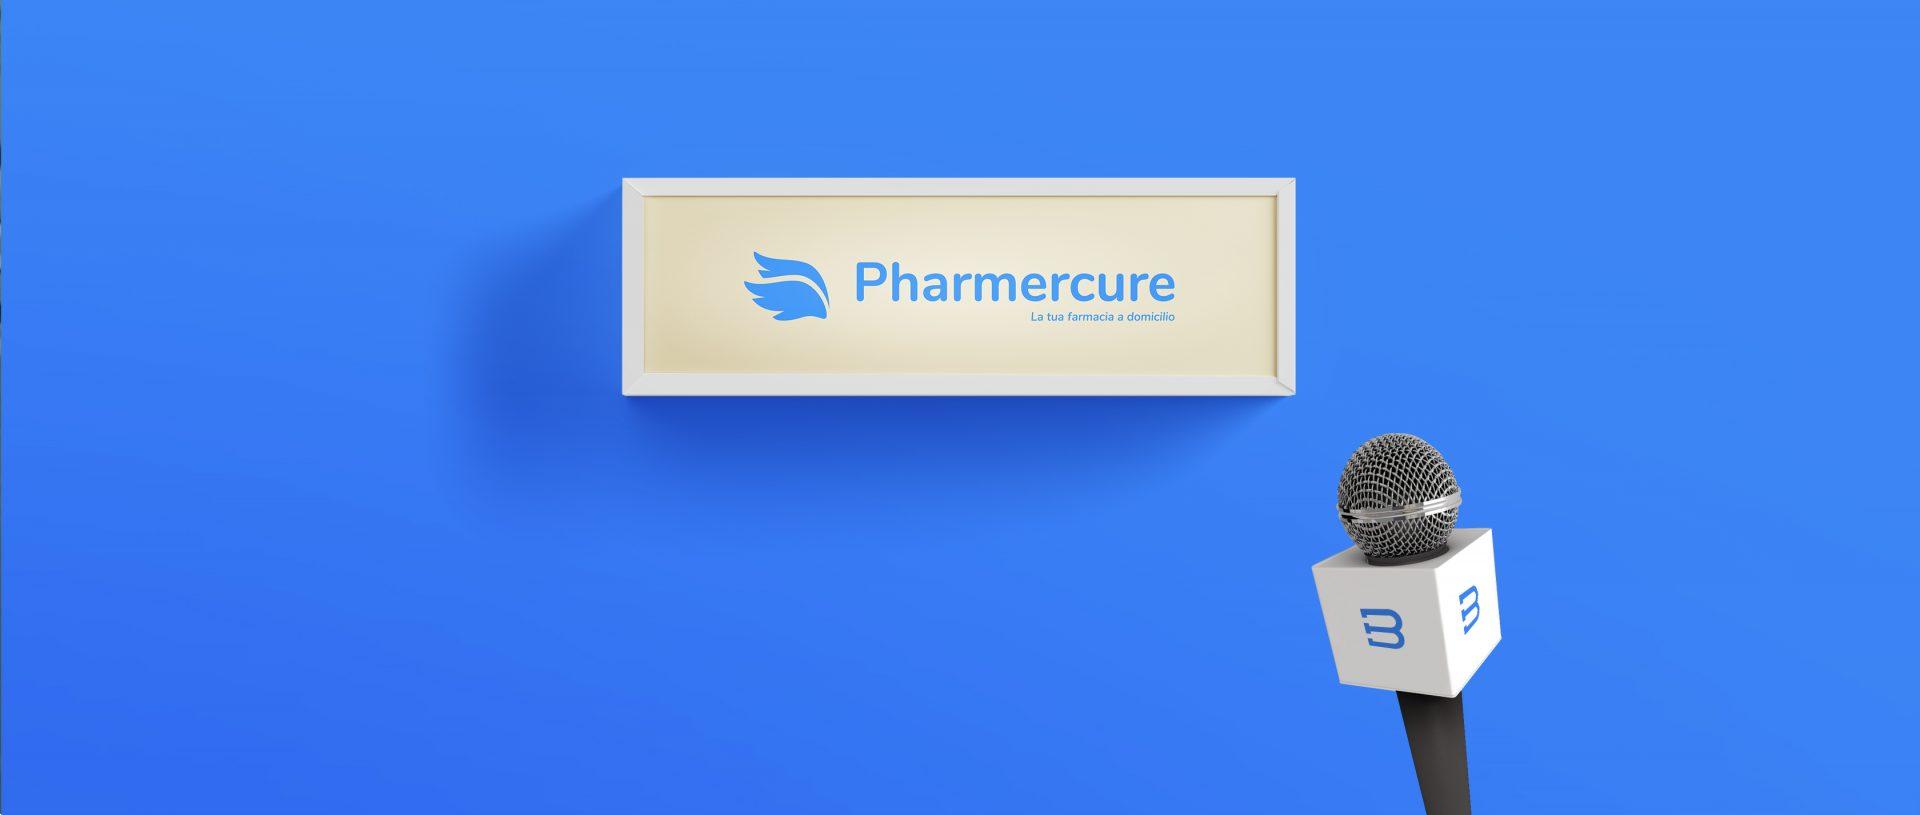 Pharmercure la tua farmacia a domicilio